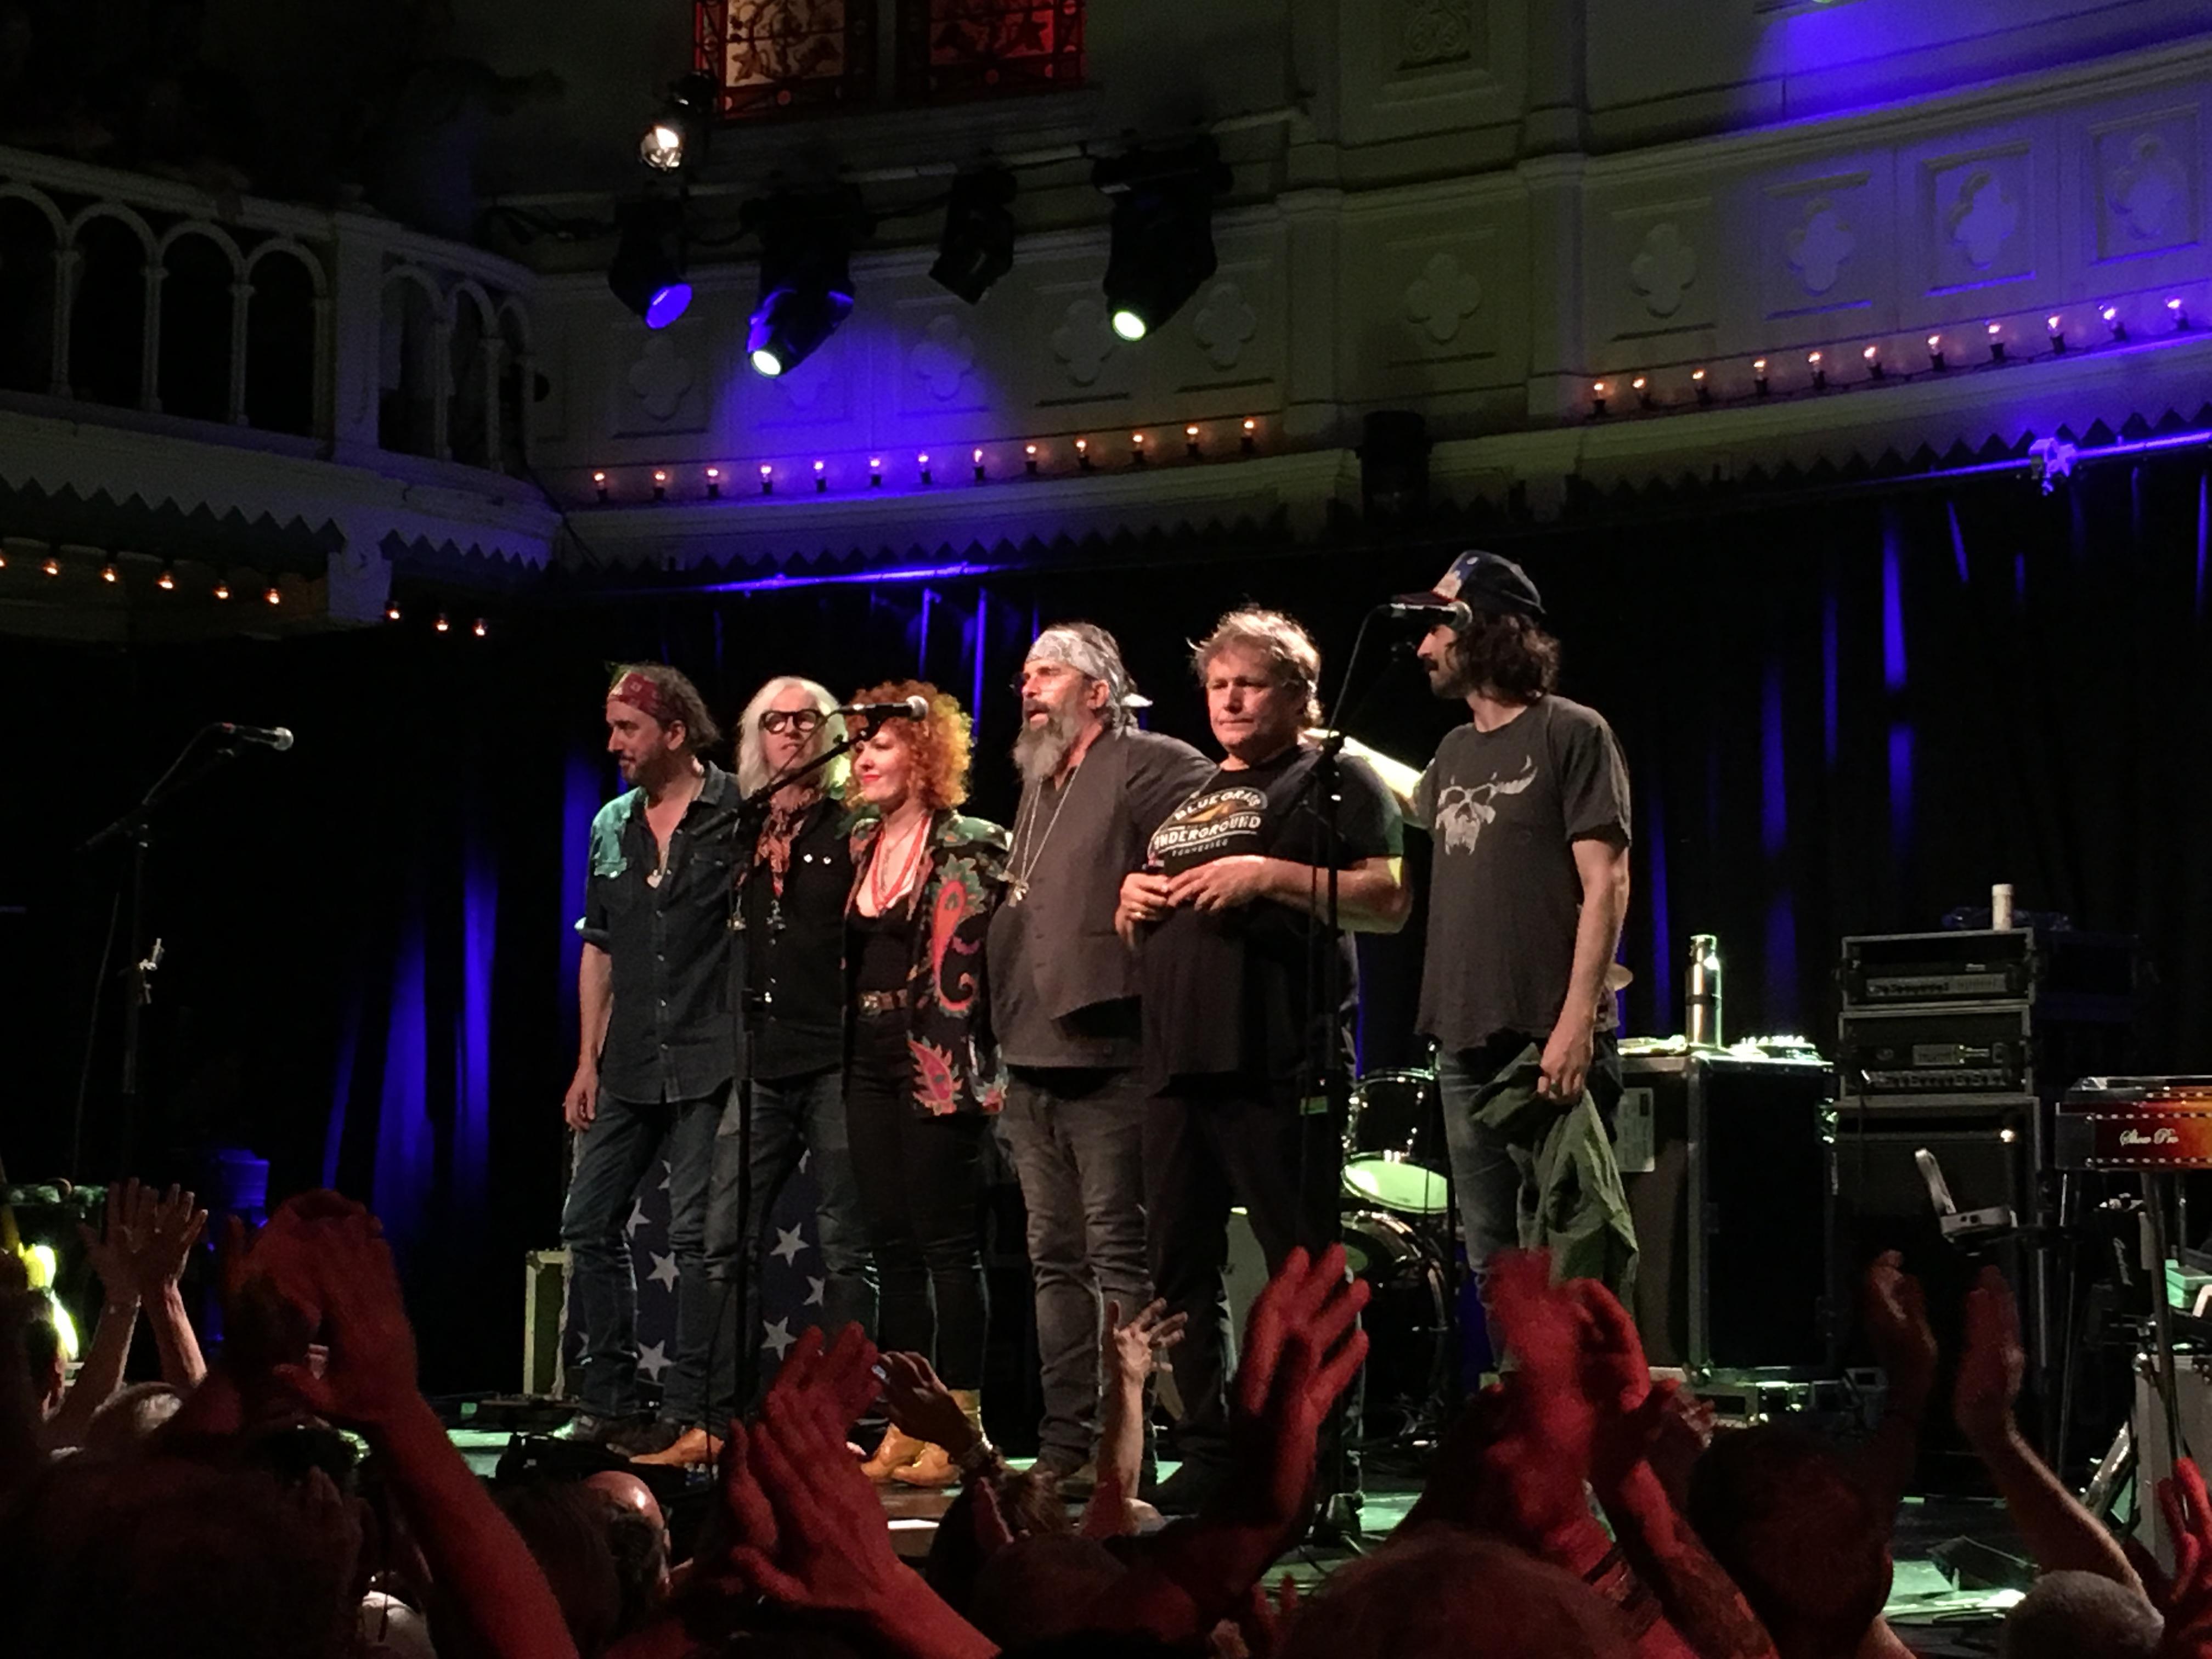 Plaat van de week: Steve Earle & The Dukes – Christmas In Washington